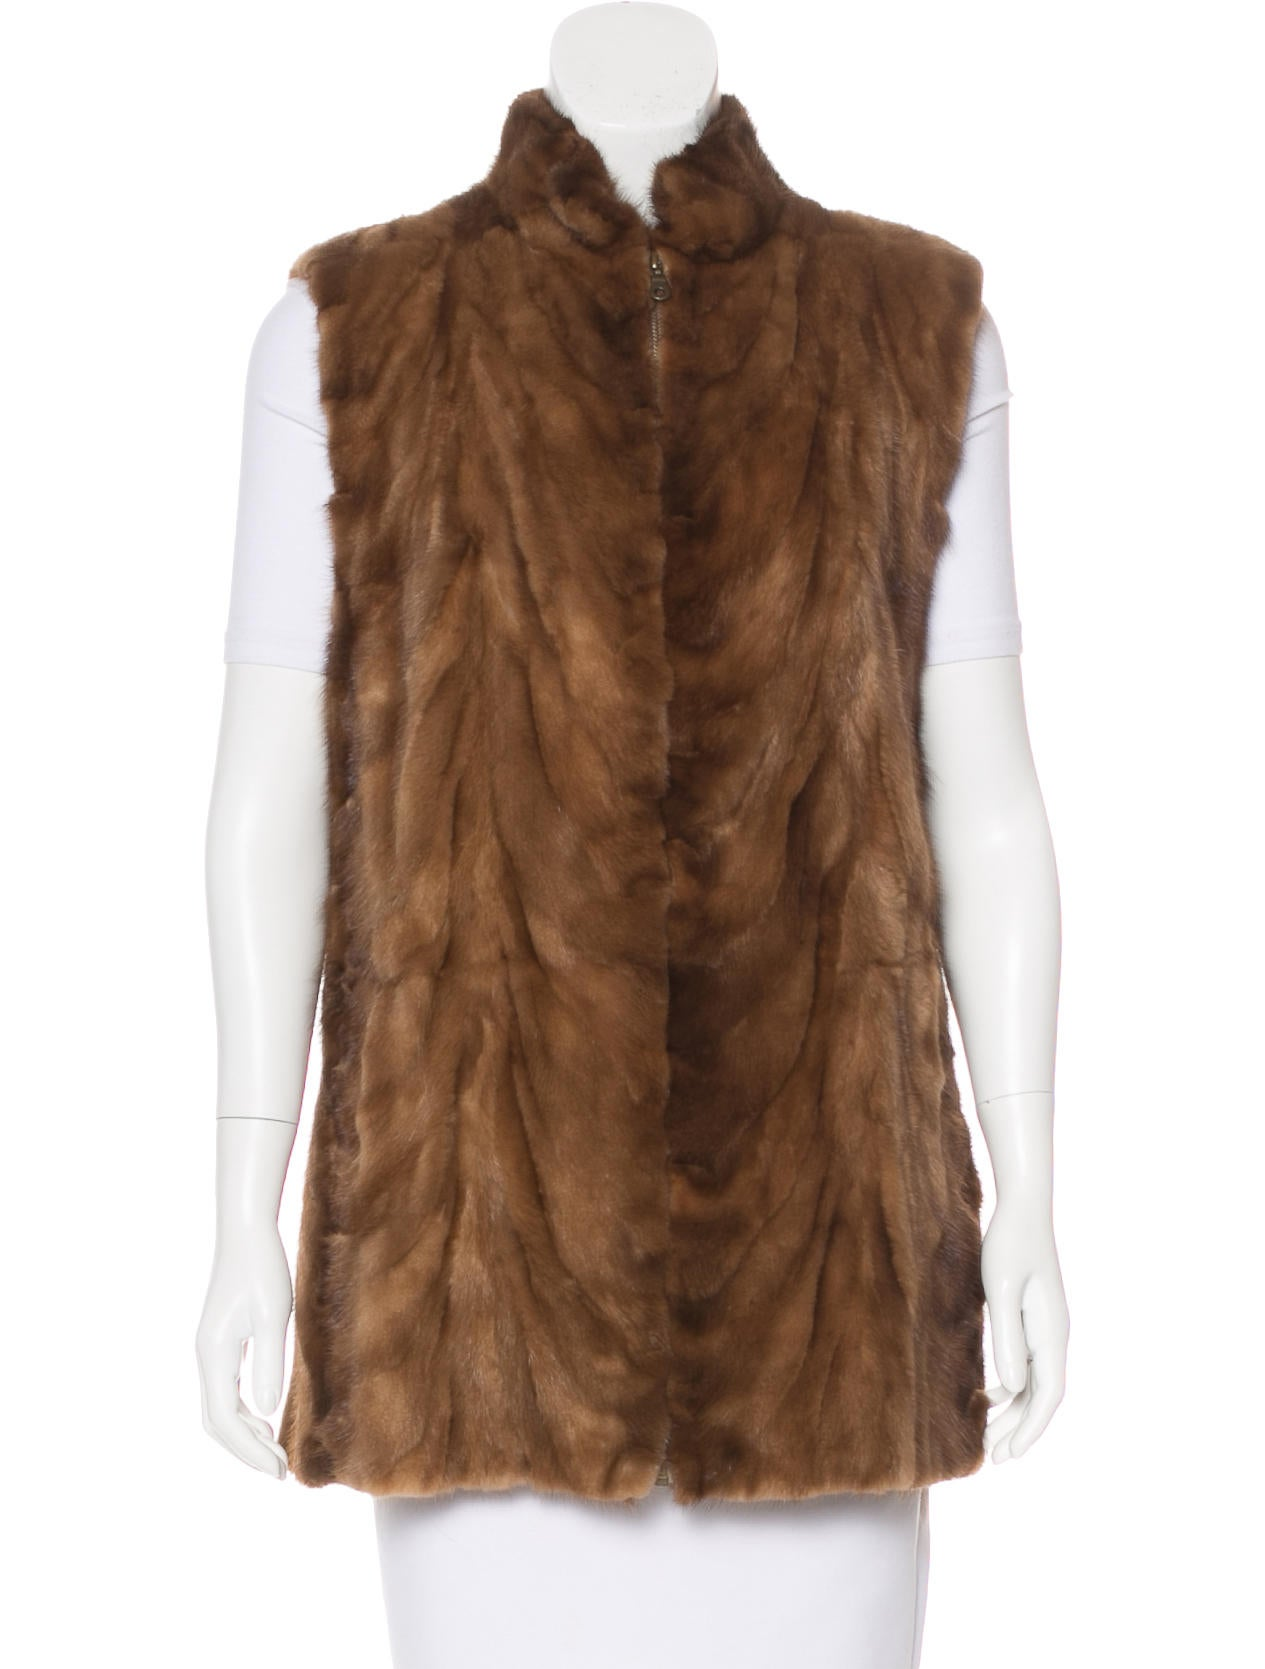 Luxury Fur Throws For Sofas